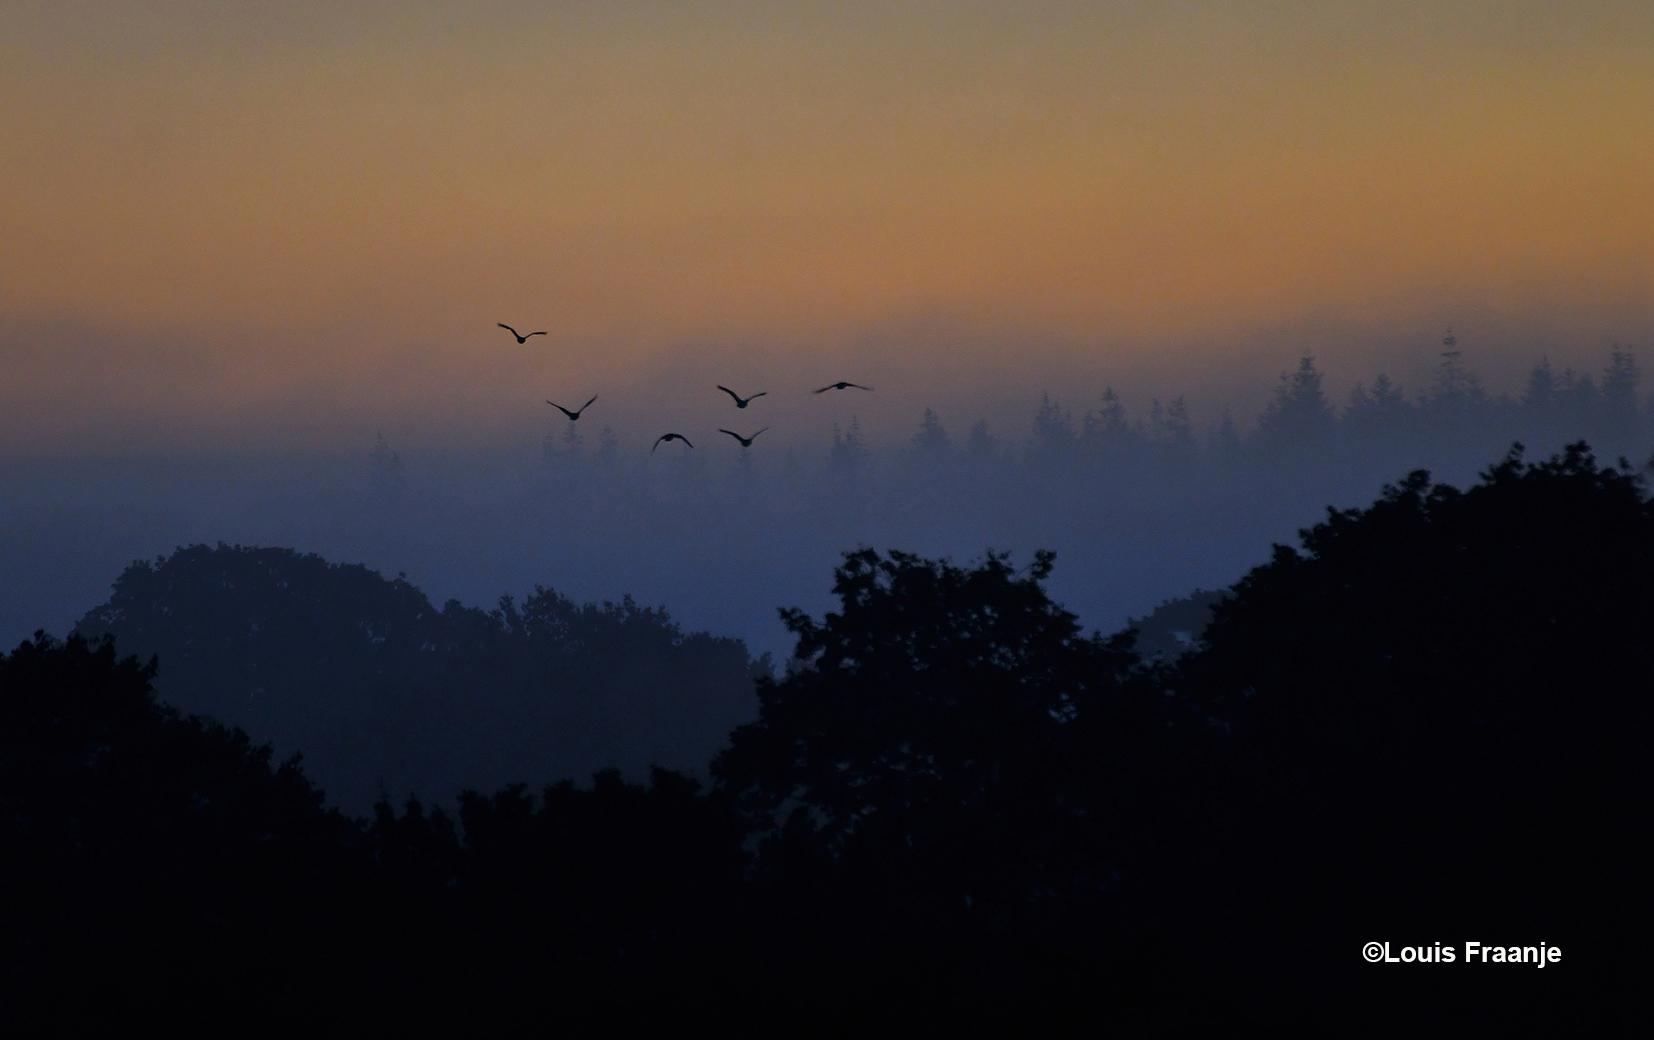 Terwijl het morgenlicht begint te gloren, komt en opeens er een kleine vlucht ganzen overvliegen - Foto: ©Louis Fraanje